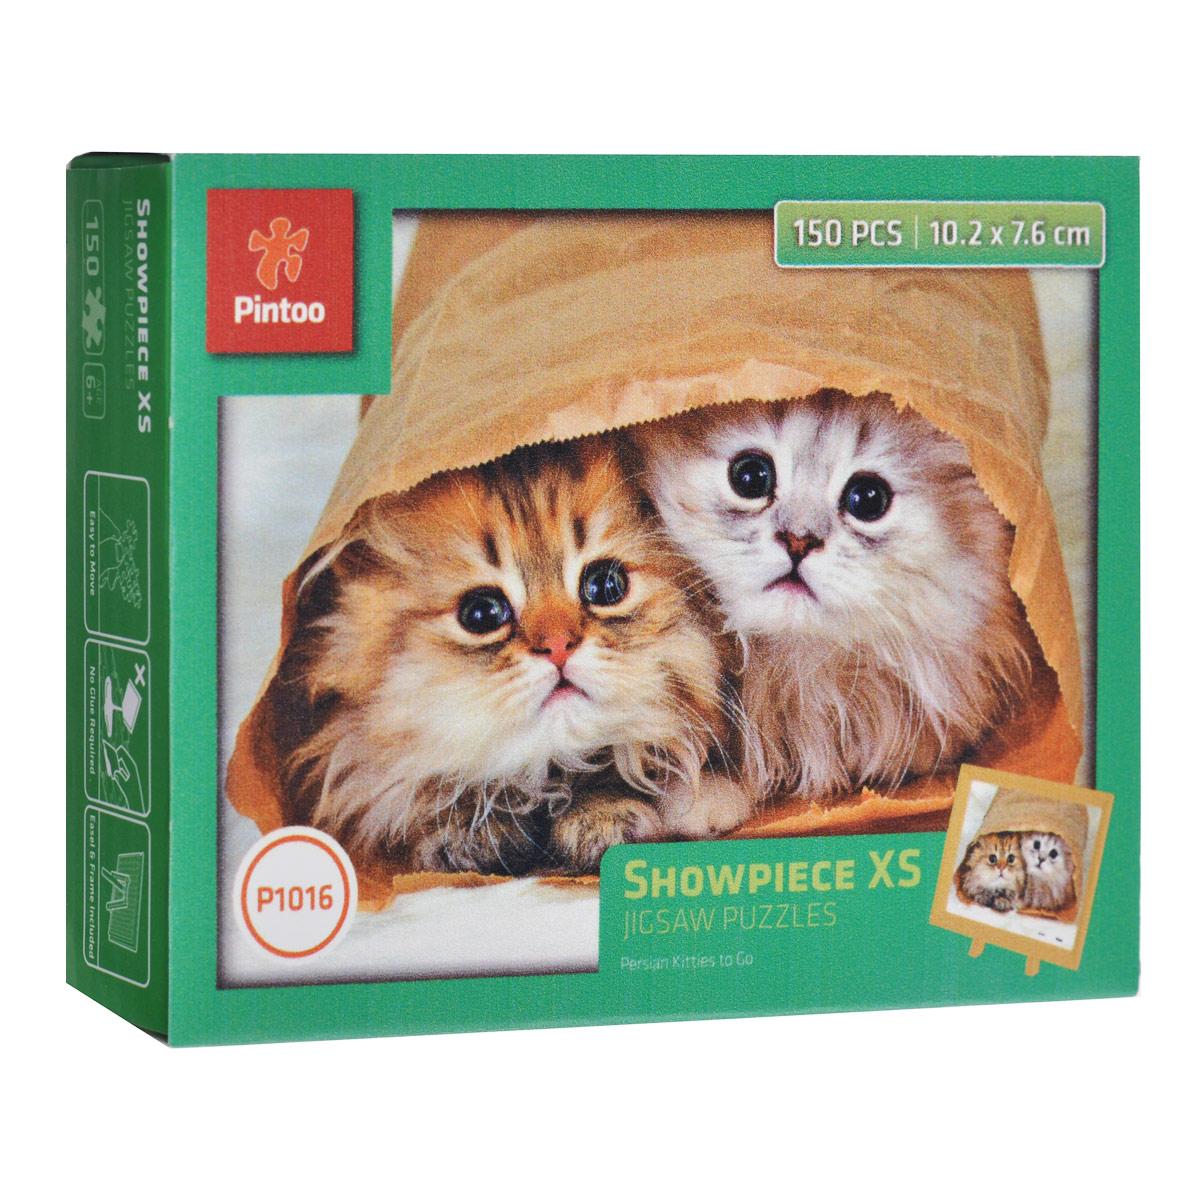 Персидские котята. Пазл, 150 элементовР1016Пазл «Персидские котята», без сомнения, придется вам по душе. Собрав этот пазл, включающий в себя 150 элементов, вы получите великолепную картину с изображением двух милых персидских котят. В комплект входит рамка и подставка для рамки. Пазл - великолепная игра для семейного досуга. Сегодня собирание пазлов стало особенно популярным, главным образом, благодаря своей многообразной тематике, способной удовлетворить самый взыскательный вкус. А для детей это не только интересно, но и полезно. Собирание пазла развивает мелкую моторику у ребенка, тренирует наблюдательность, логическое мышление, знакомит с окружающим миром, с цветом и разнообразными формами.